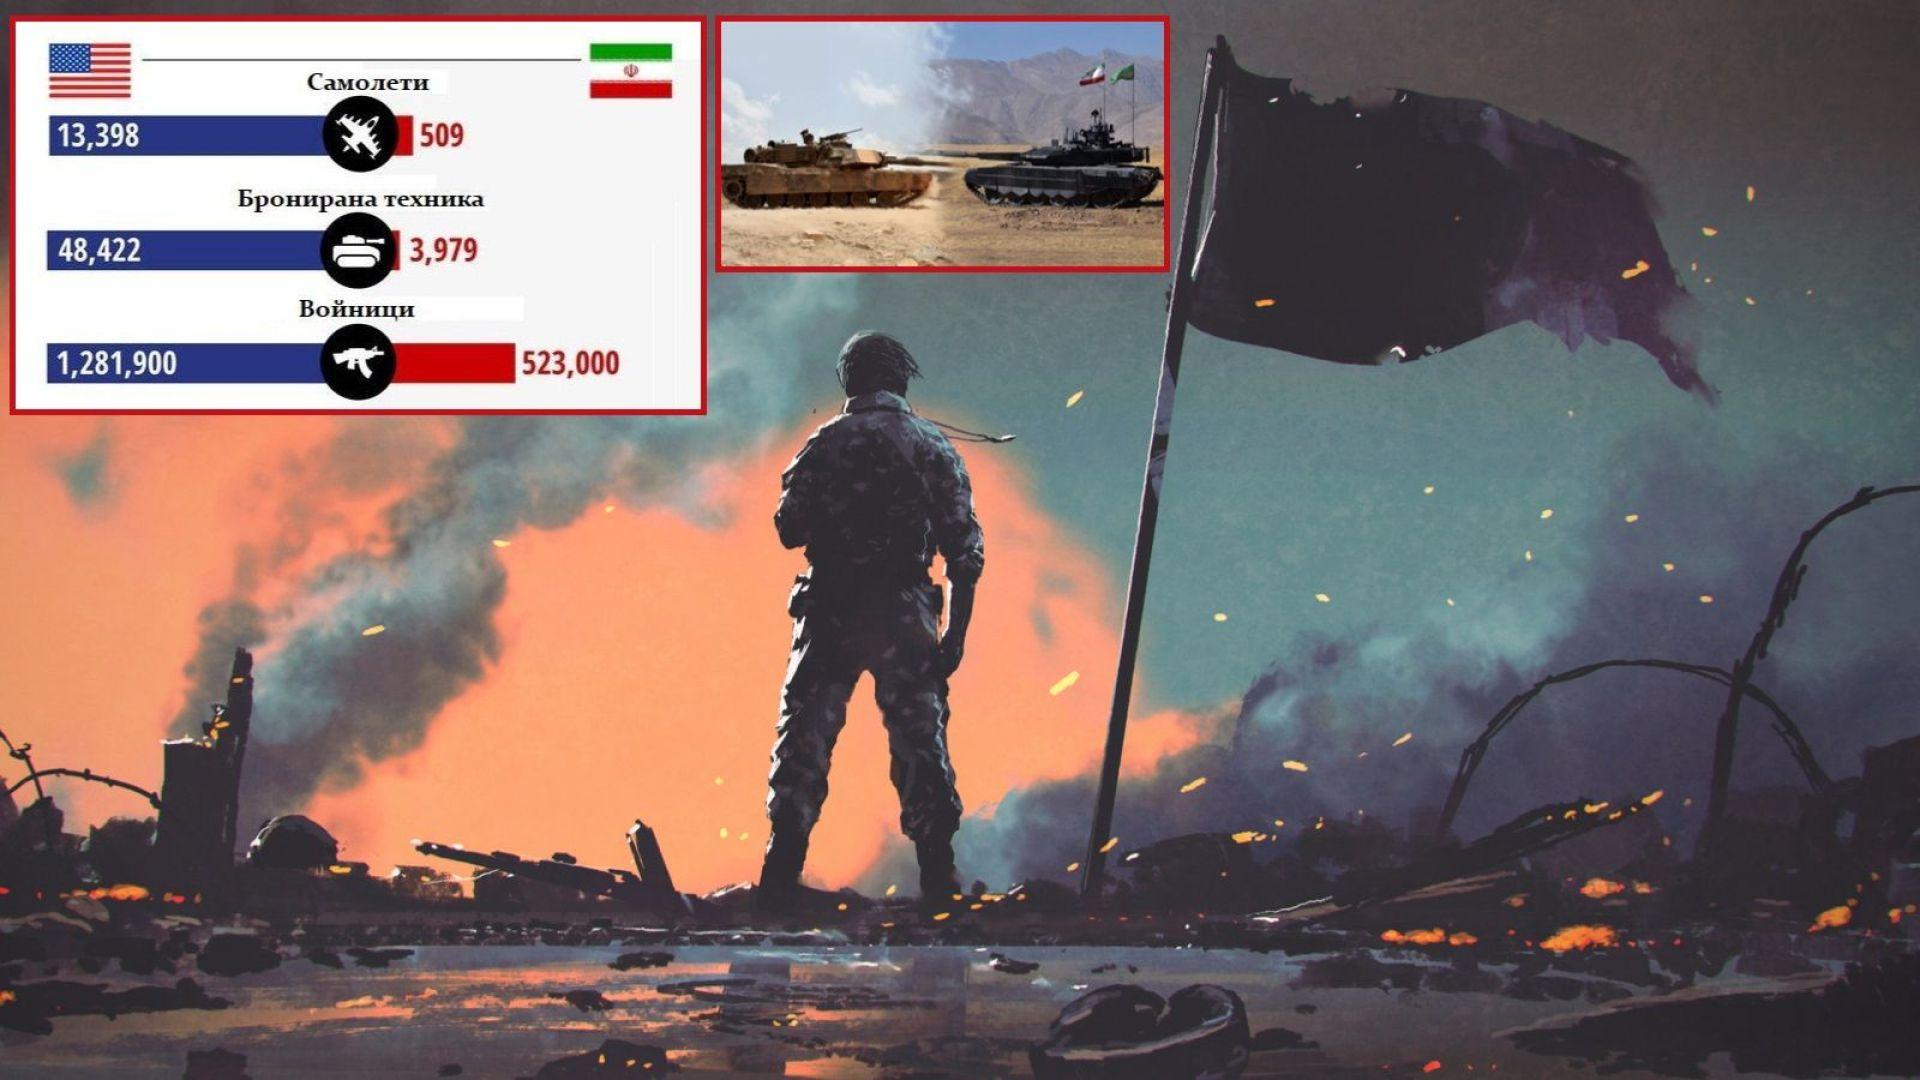 САЩ срещу Иран: Каква е военната мощ и кои са скритите козове на двете армии